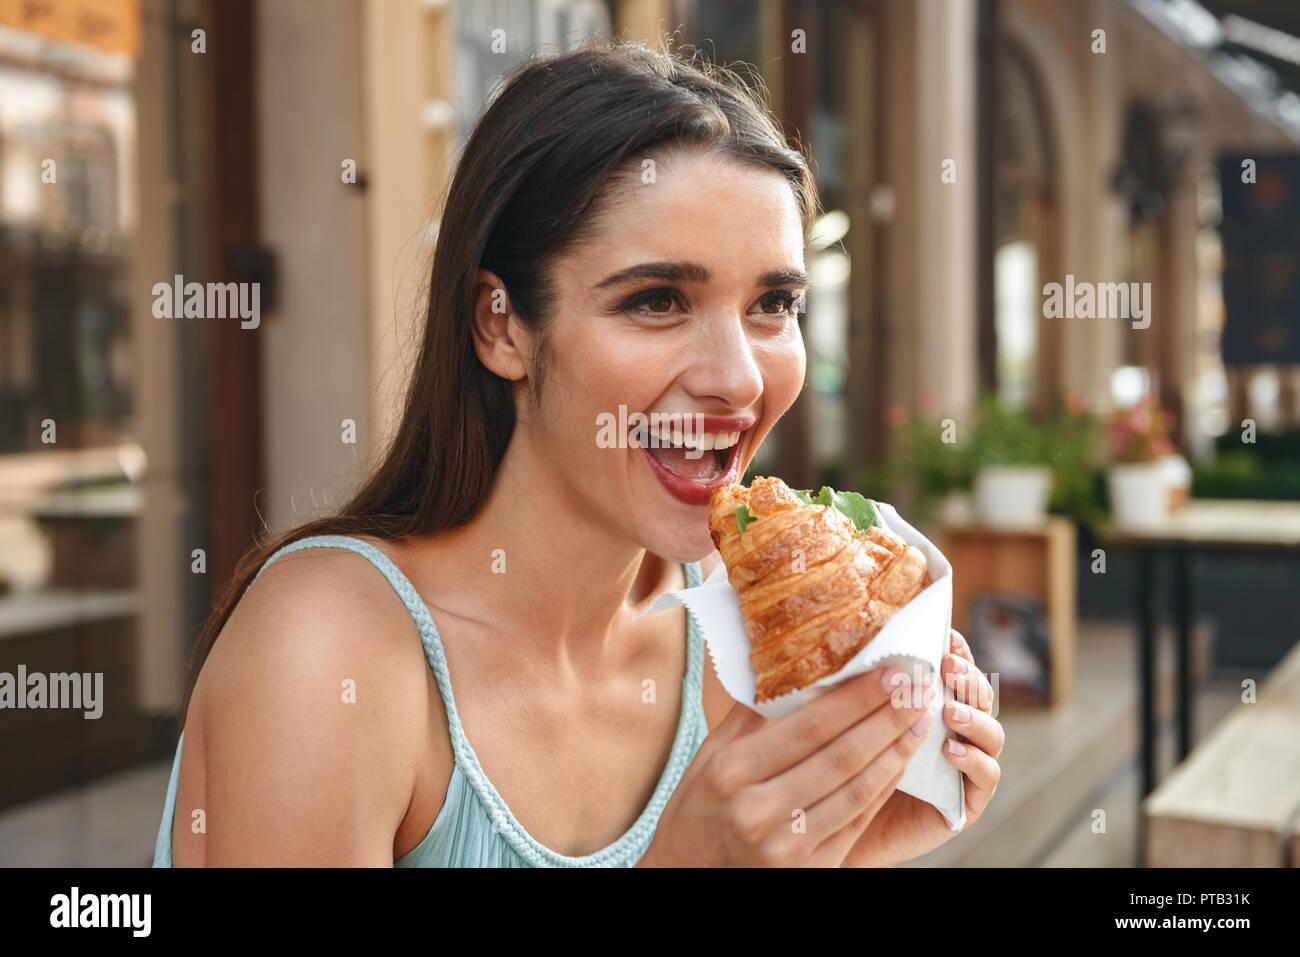 Bild der junge lächelnde Frau sitzt im Cafe im Freien während des Essens Croissant. Stockfoto